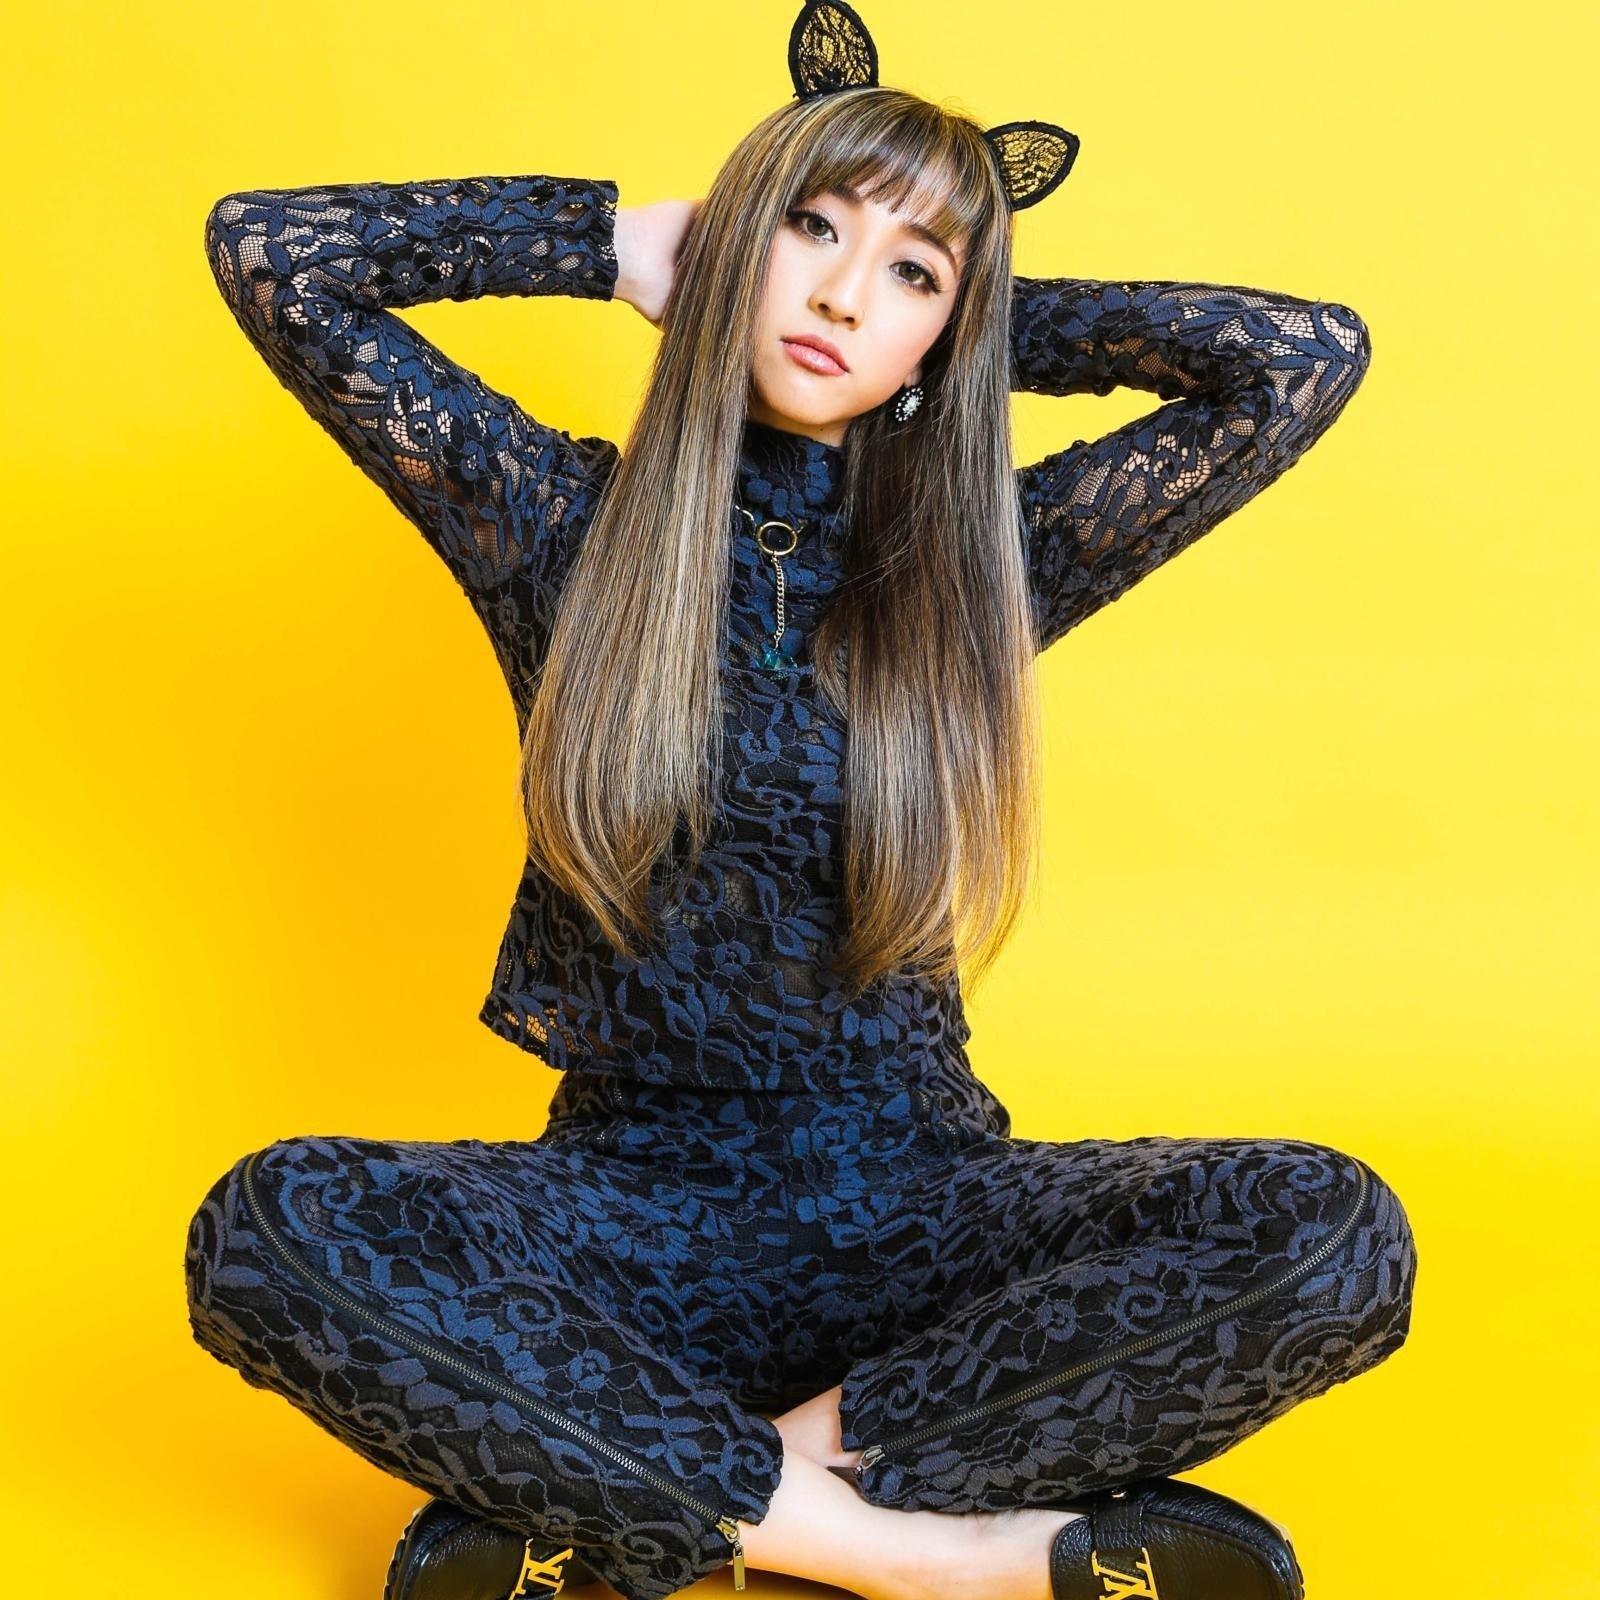 JASMINE (ジャスミン) – Black Kitty [Ototoy FLAC 24bit/48kHz]